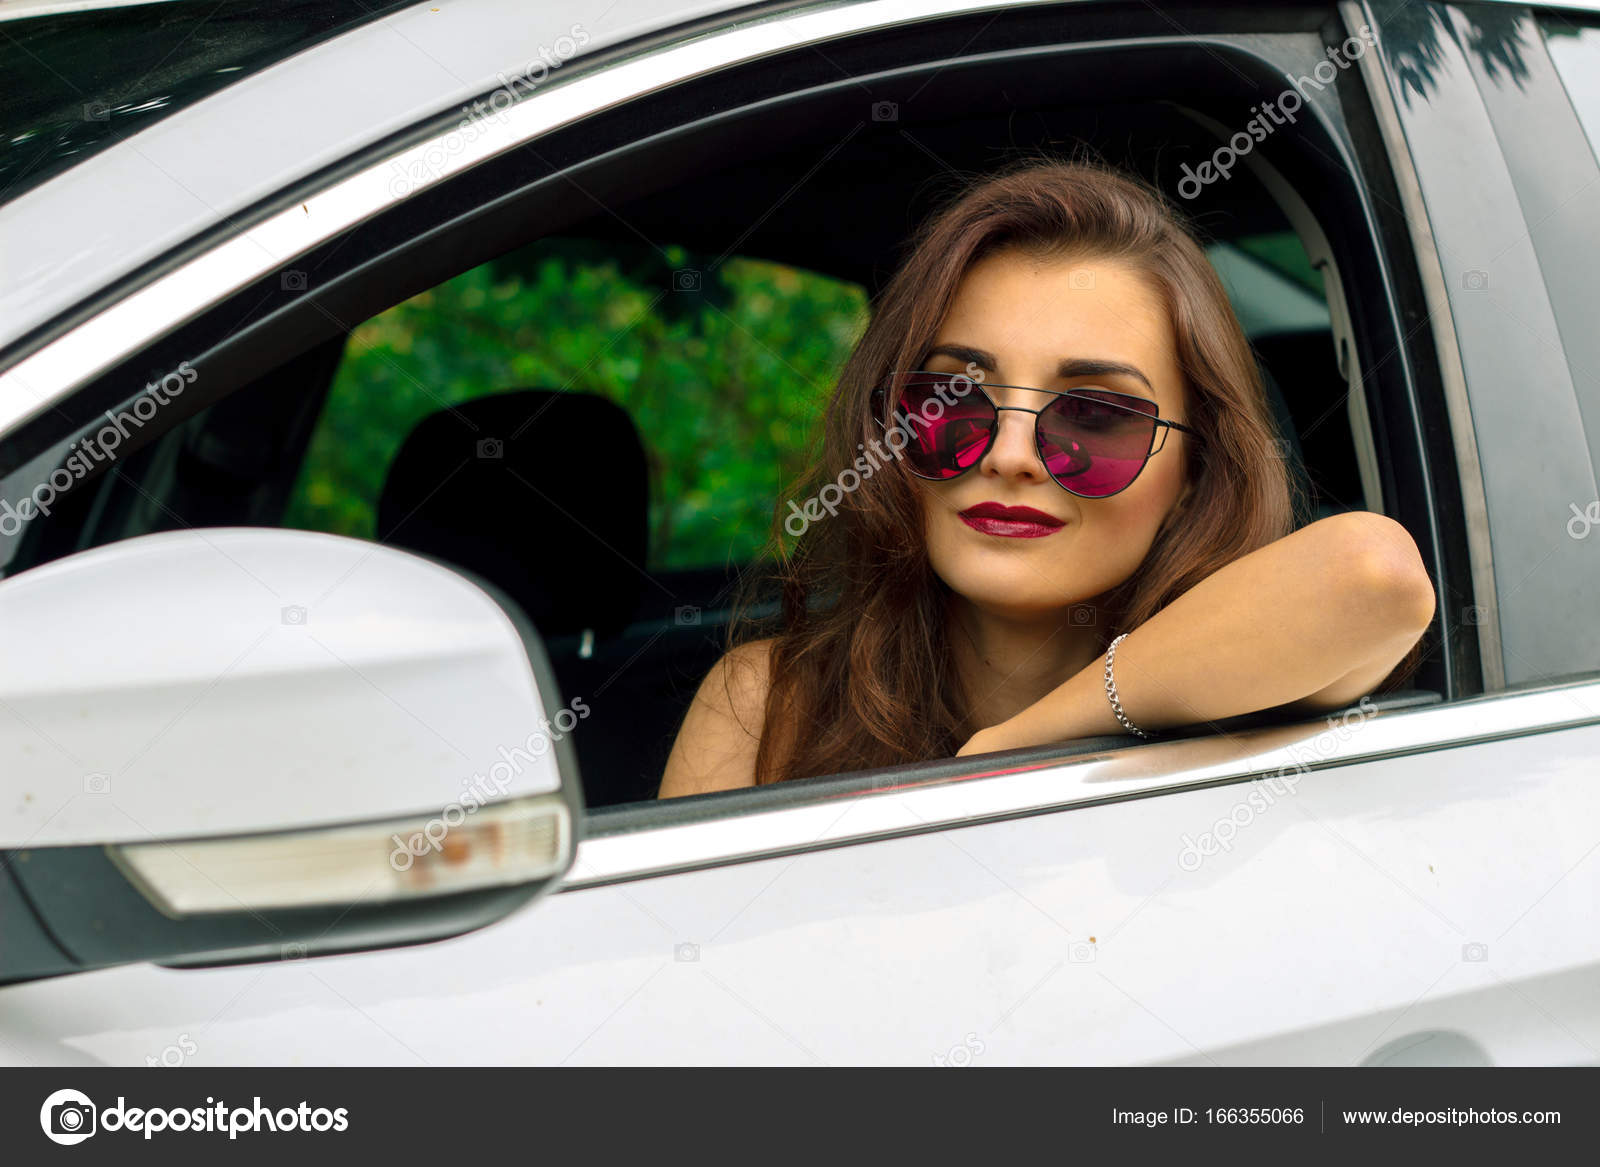 In Bella Da Sole Ragazza Di Modo Occhiali Macchina Ritratto N0wOPyvmn8